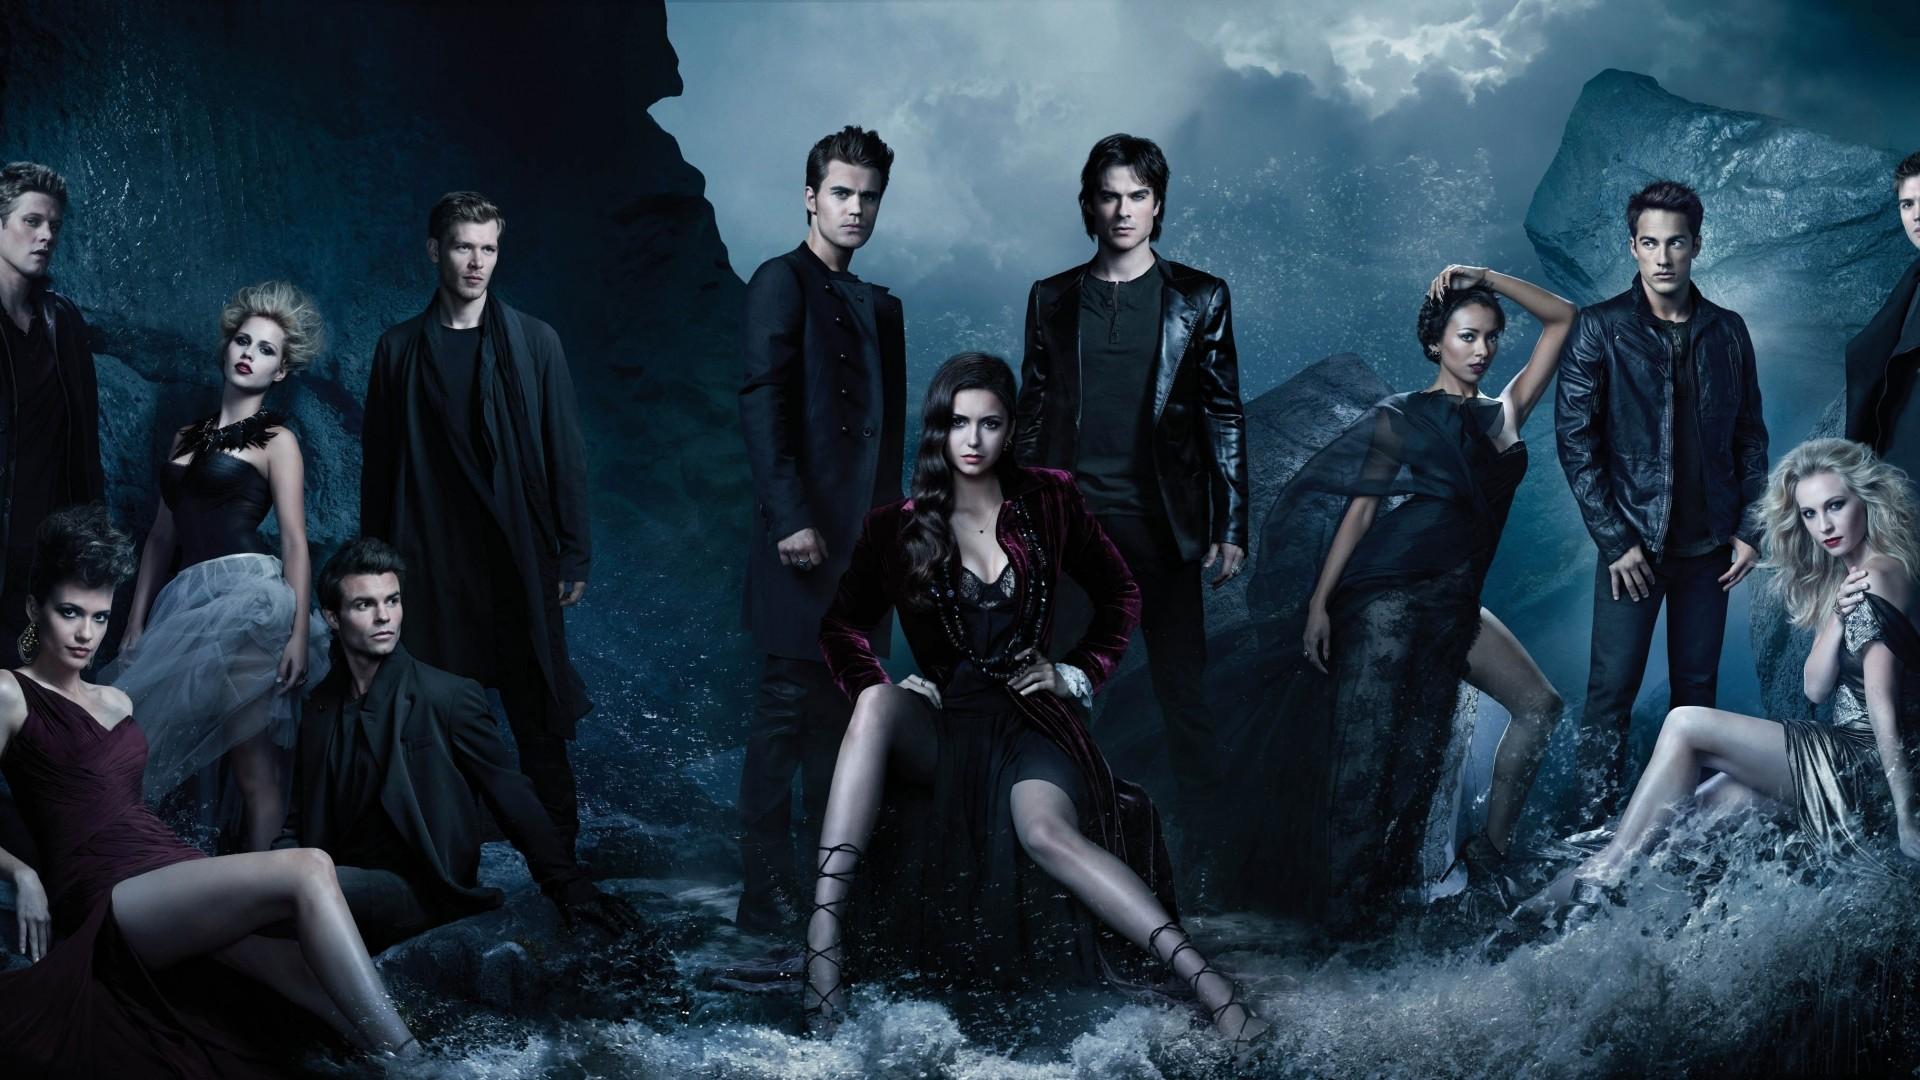 Fondos De Crónicas Vampiricas Imágenes The Vampire Diaries